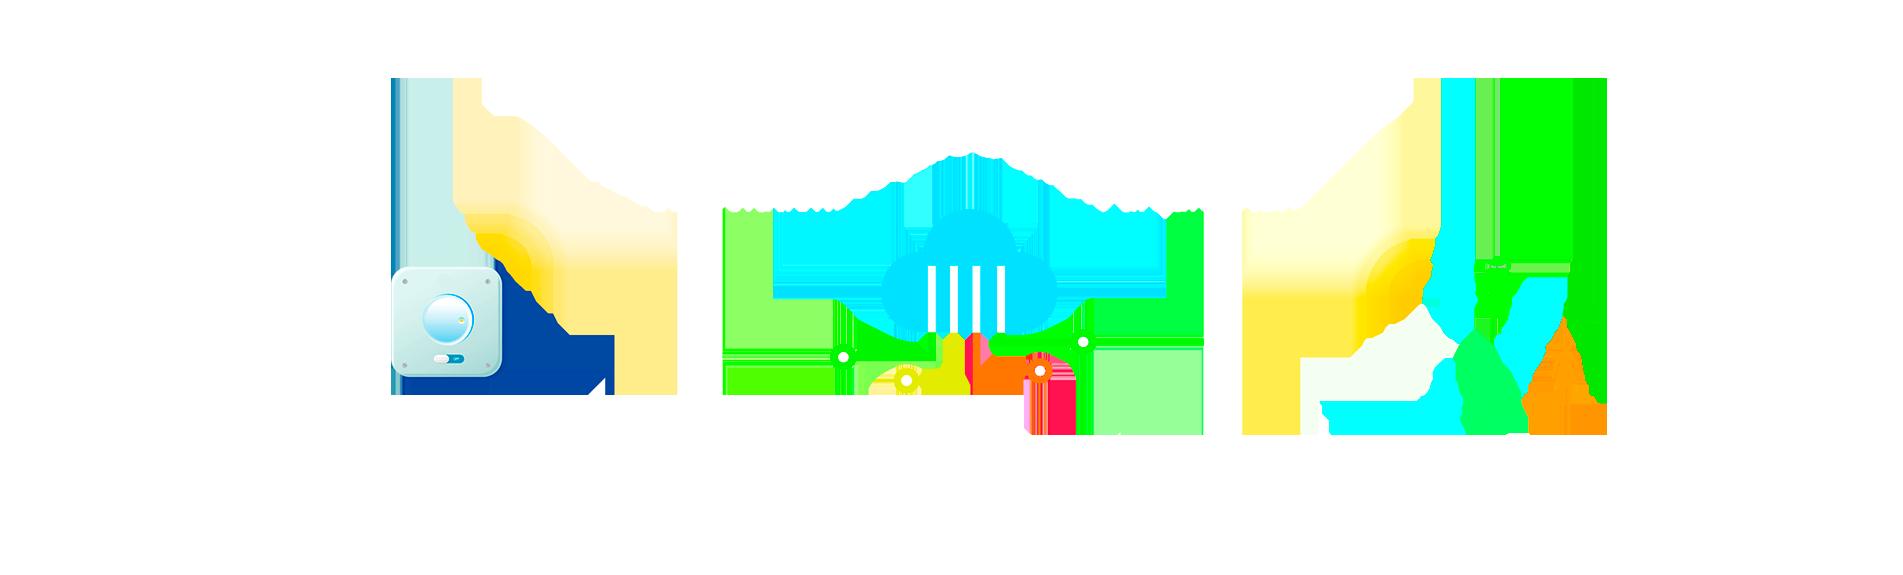 IoT y m2m solutions Globtipper-Siemens. SIGFOX y Cloud